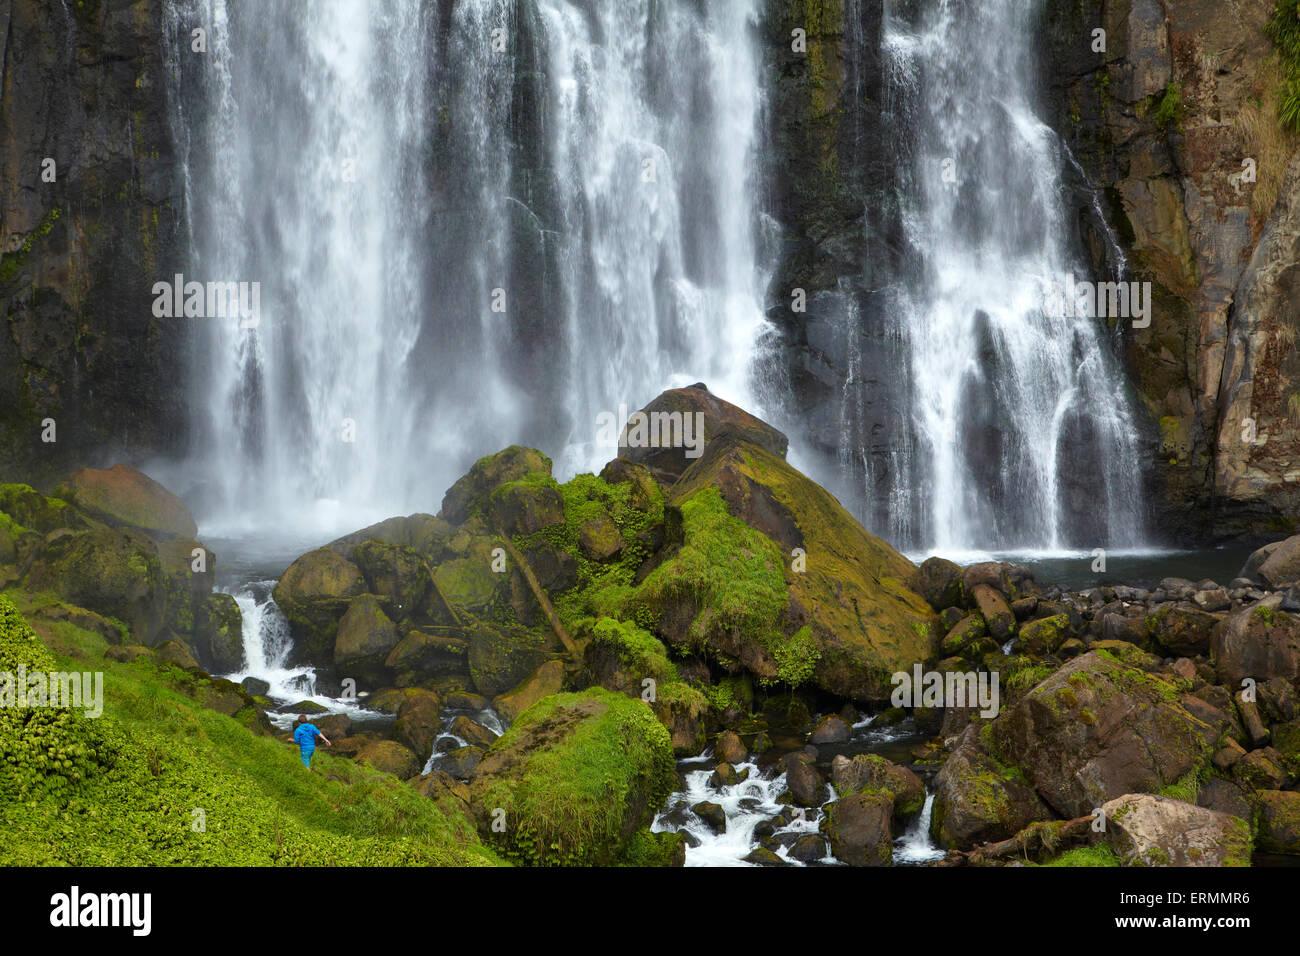 Marokopa Falls, Distretto di Waitomo, Waikato, Isola del nord, Nuova Zelanda Immagini Stock